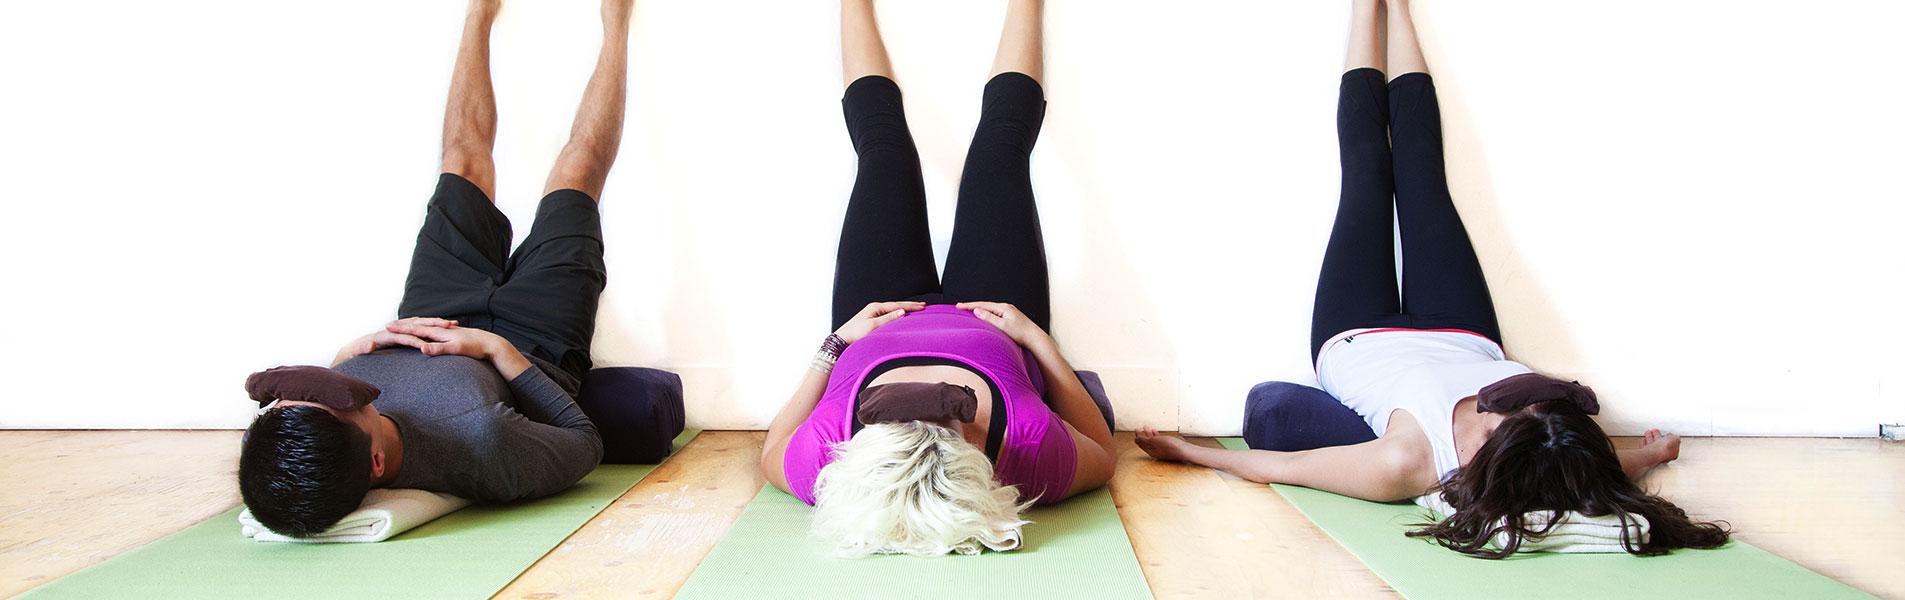 Yoga Slide2